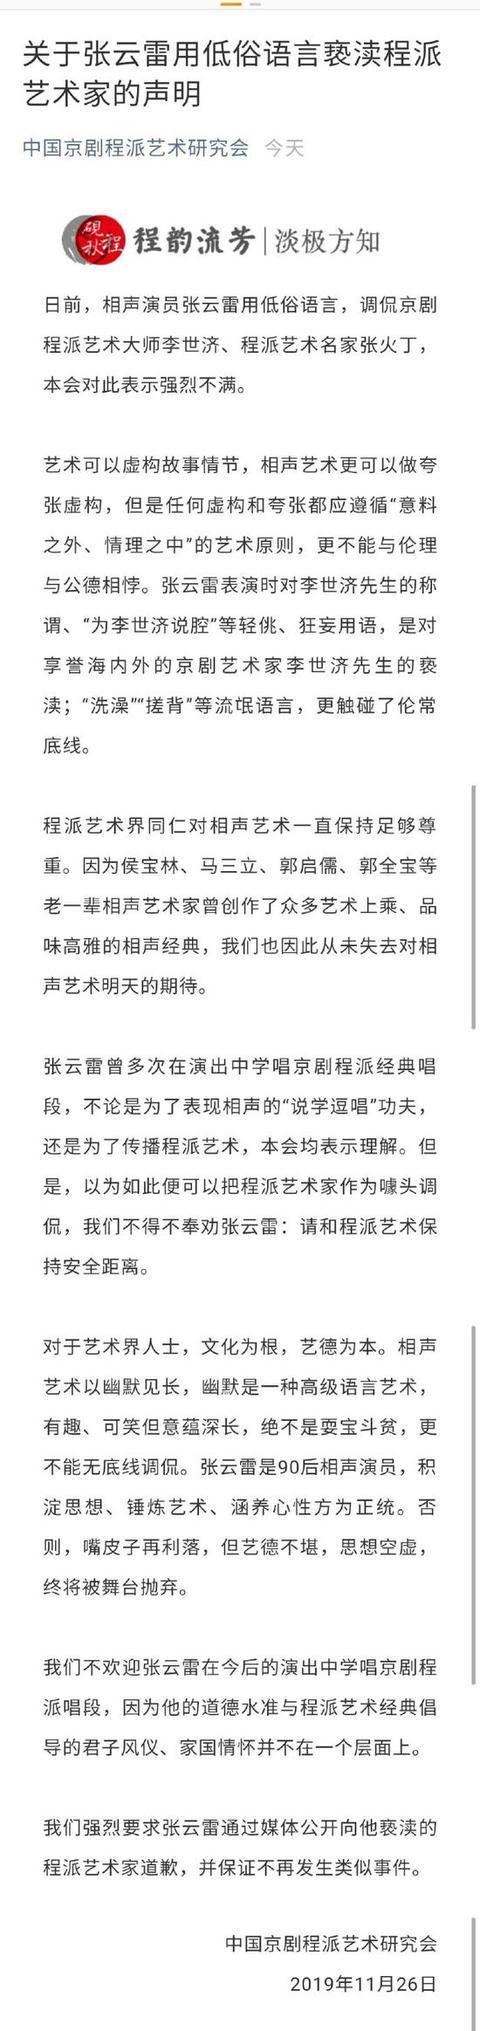 京剧研究会要求张云雷道歉 程派研究会痛批张云雷